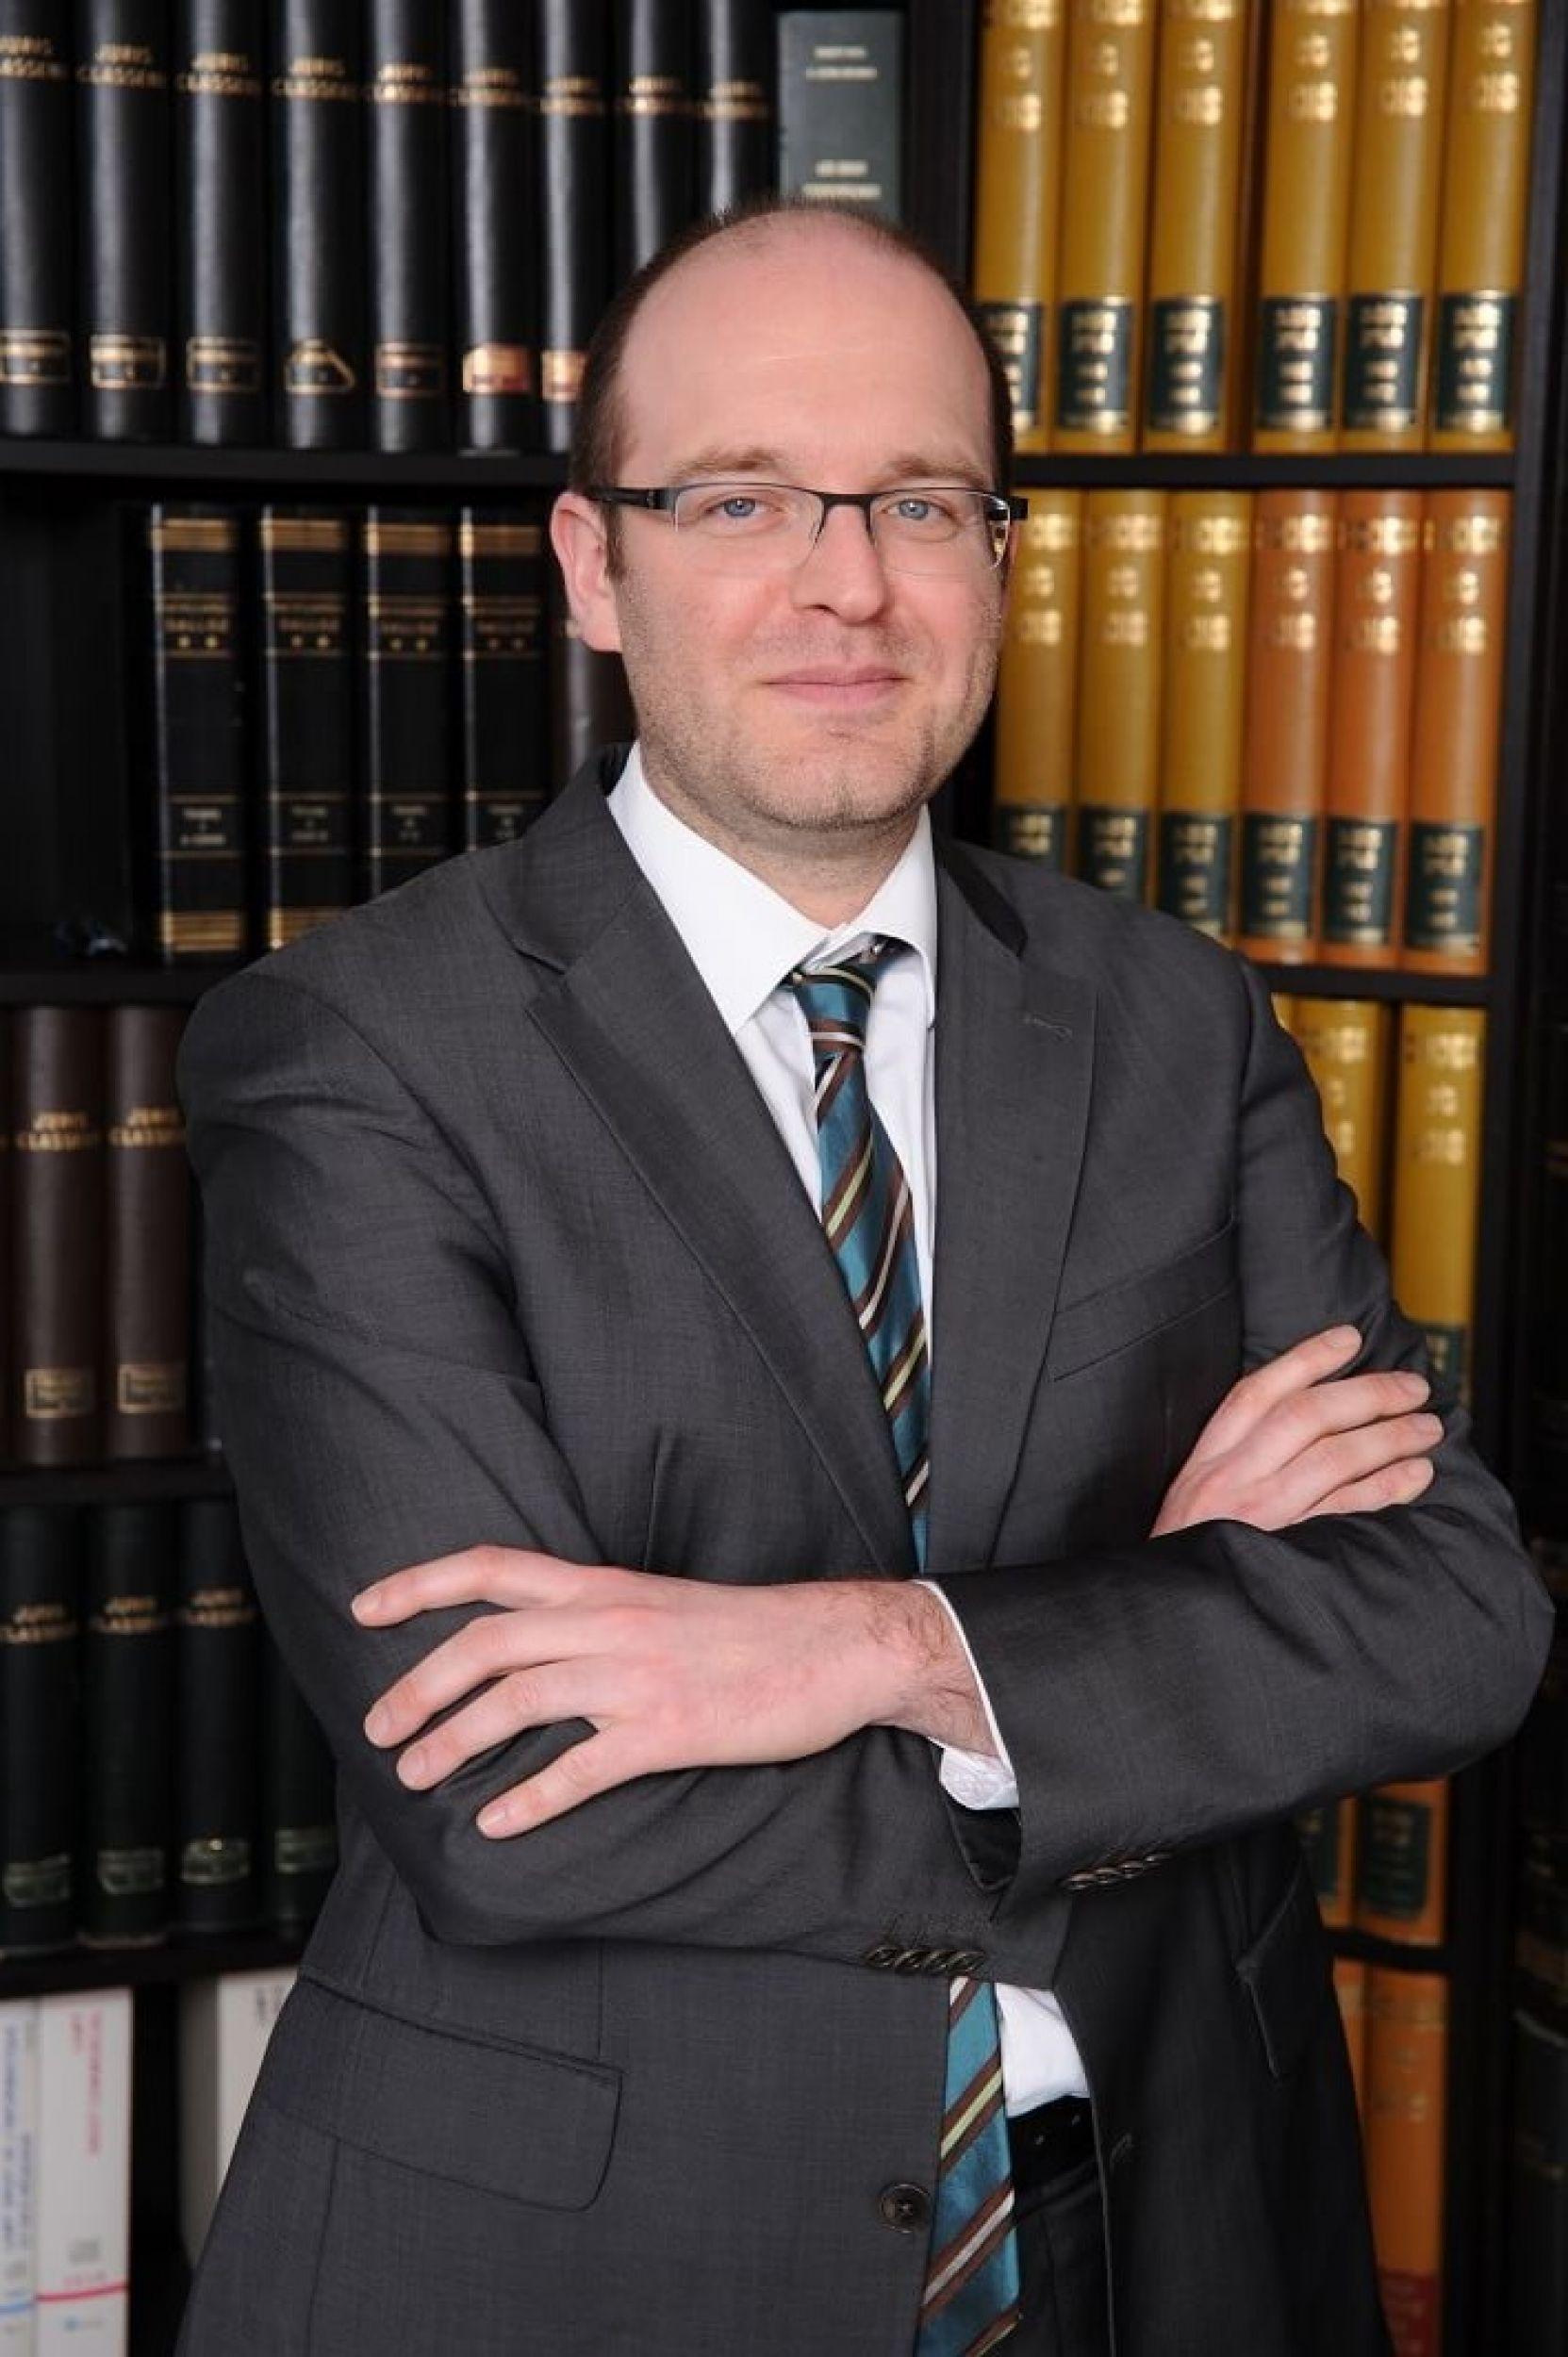 Ma tre arnaud fouquaut lexouest avocats cabinet de rennes - Cabinet avocat propriete intellectuelle ...